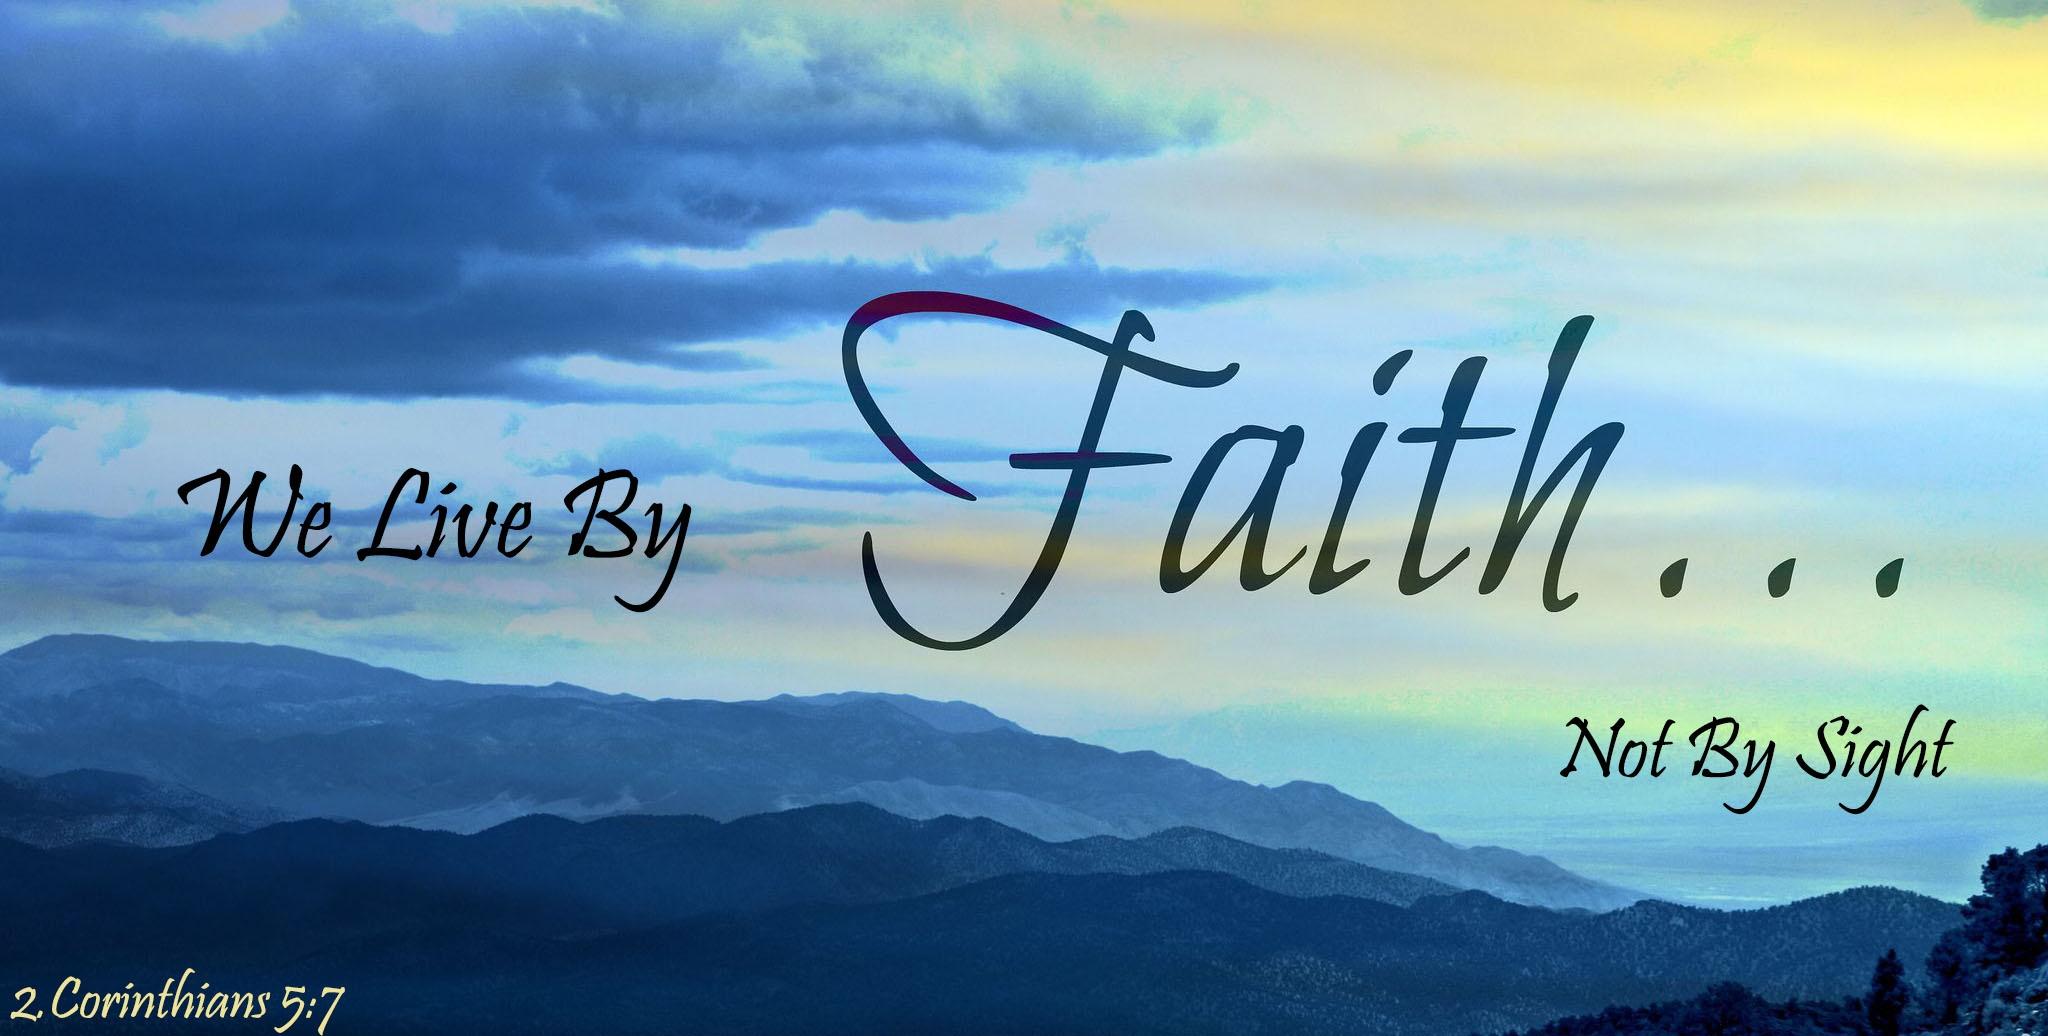 Christian Faith Wallpapers Christian Faith Wallpaper   2048x1036 2048x1036